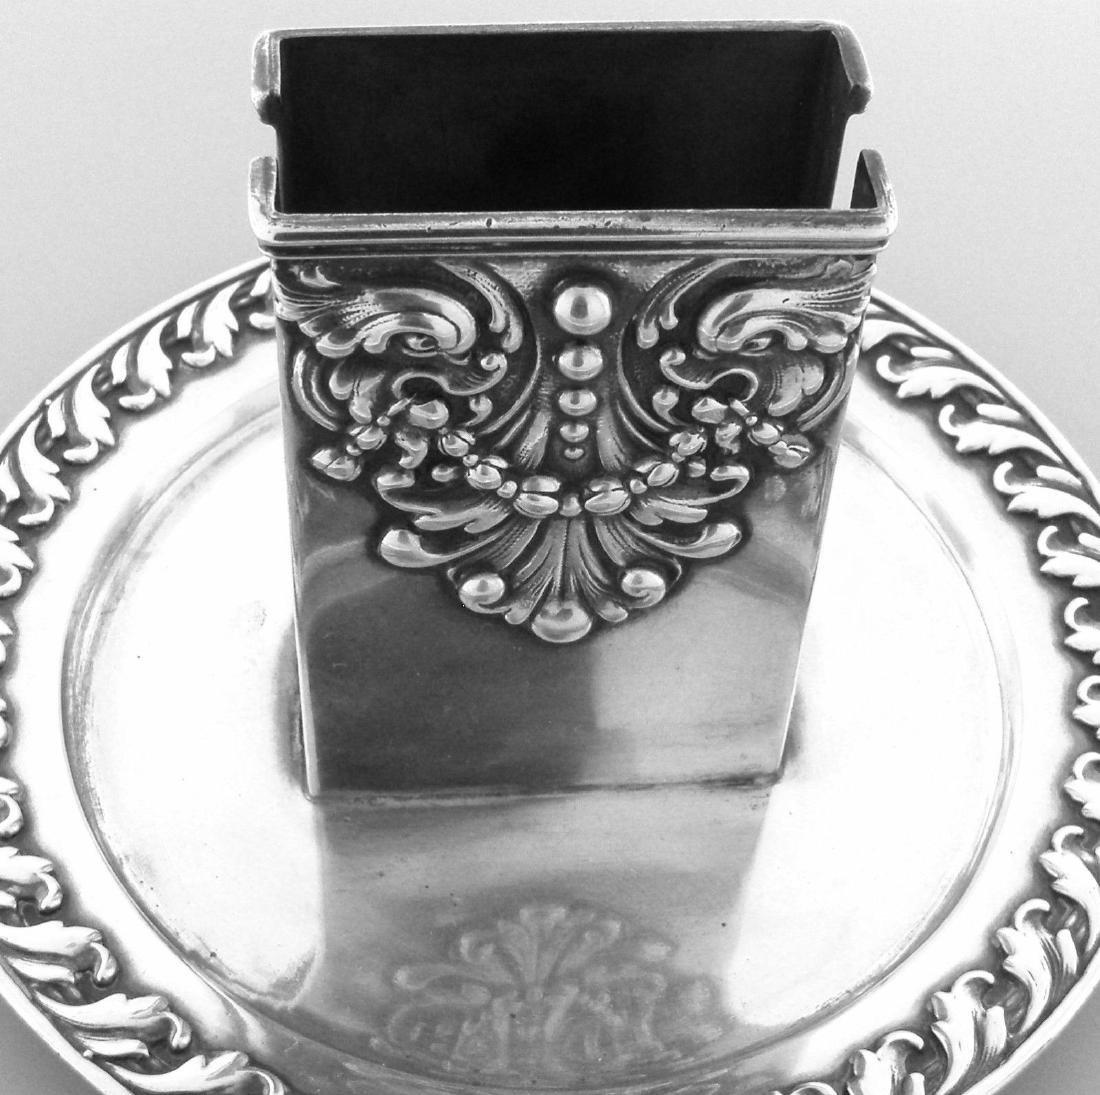 VINTAGE TIFFANY & Co. STERLING MATCHBOX CANDLE HOLDER